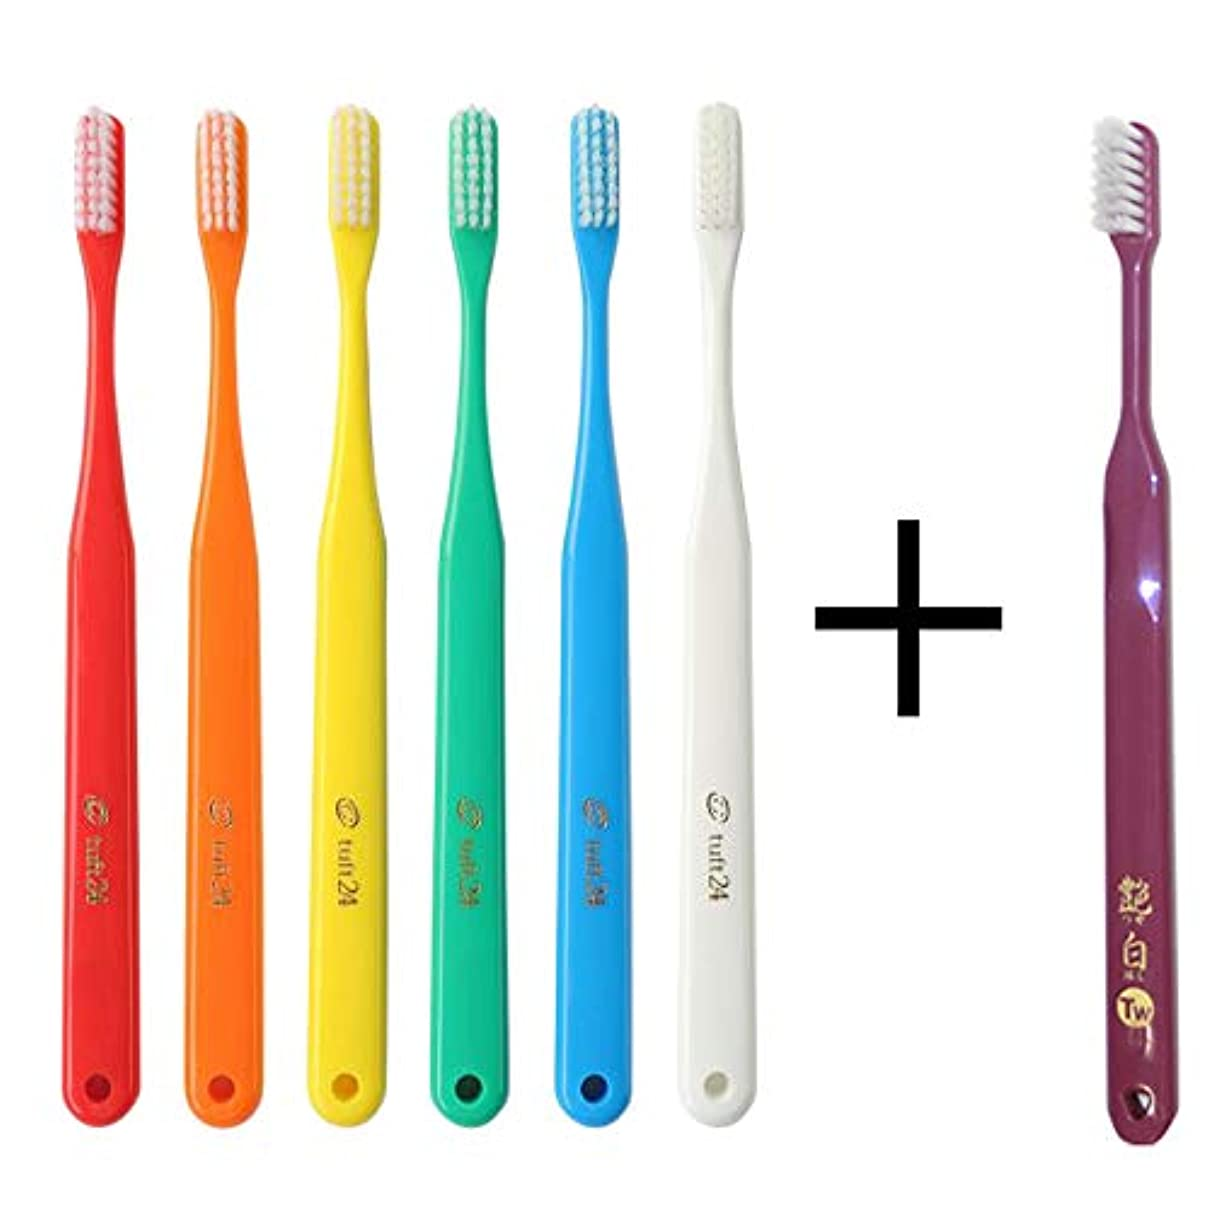 尊厳辞任する領域キャップなし タフト24 歯ブラシ × 25本入 S (アソート) + 艶白 歯ブラシ (日本製) ×1本 MS(やややわらかめ) 大人用歯ブラシ 歯科医院取扱品